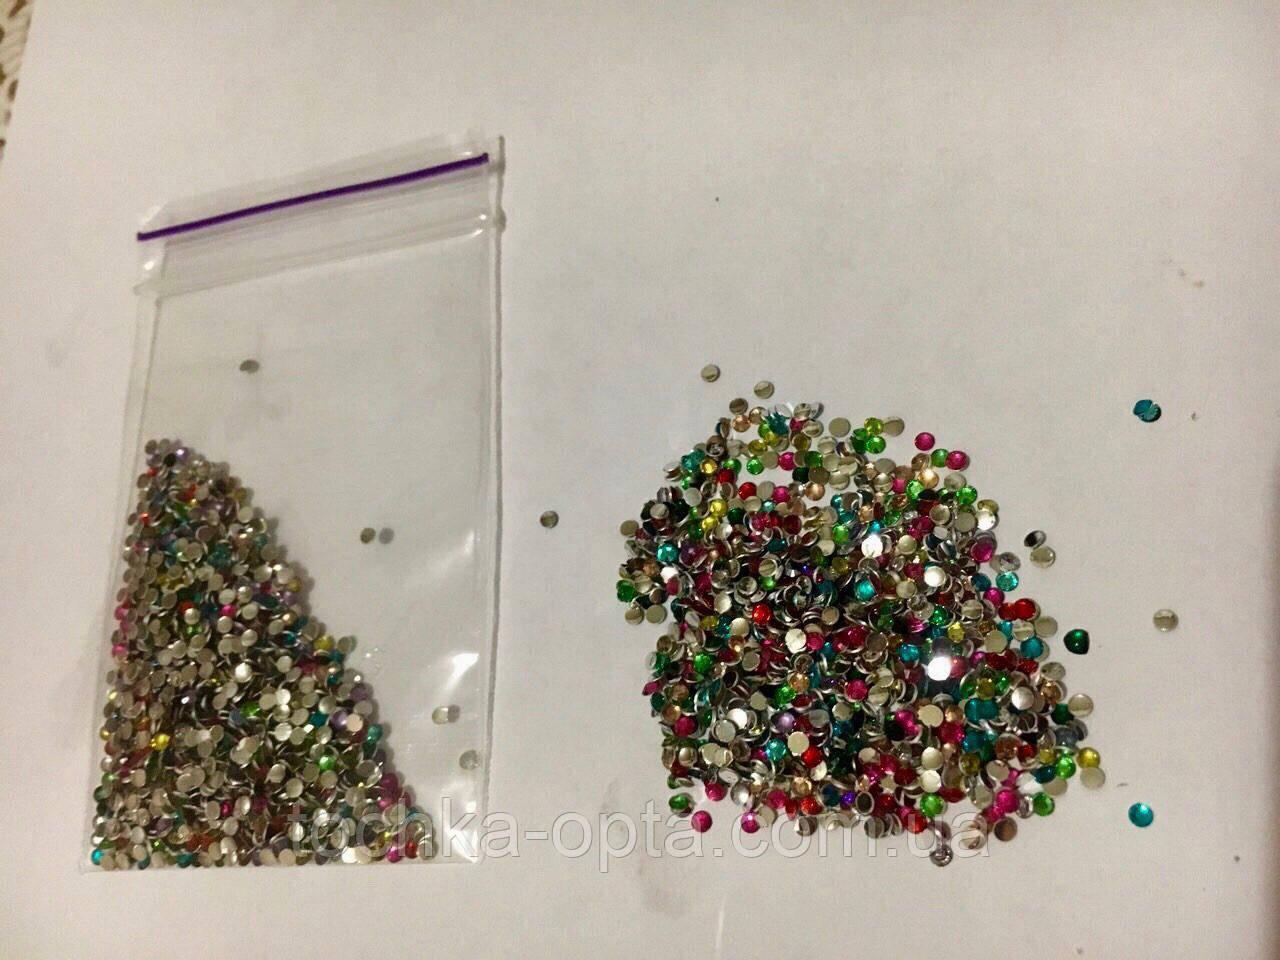 Стразы для ногтей разные цвета 2 мм круглые 1400 штук